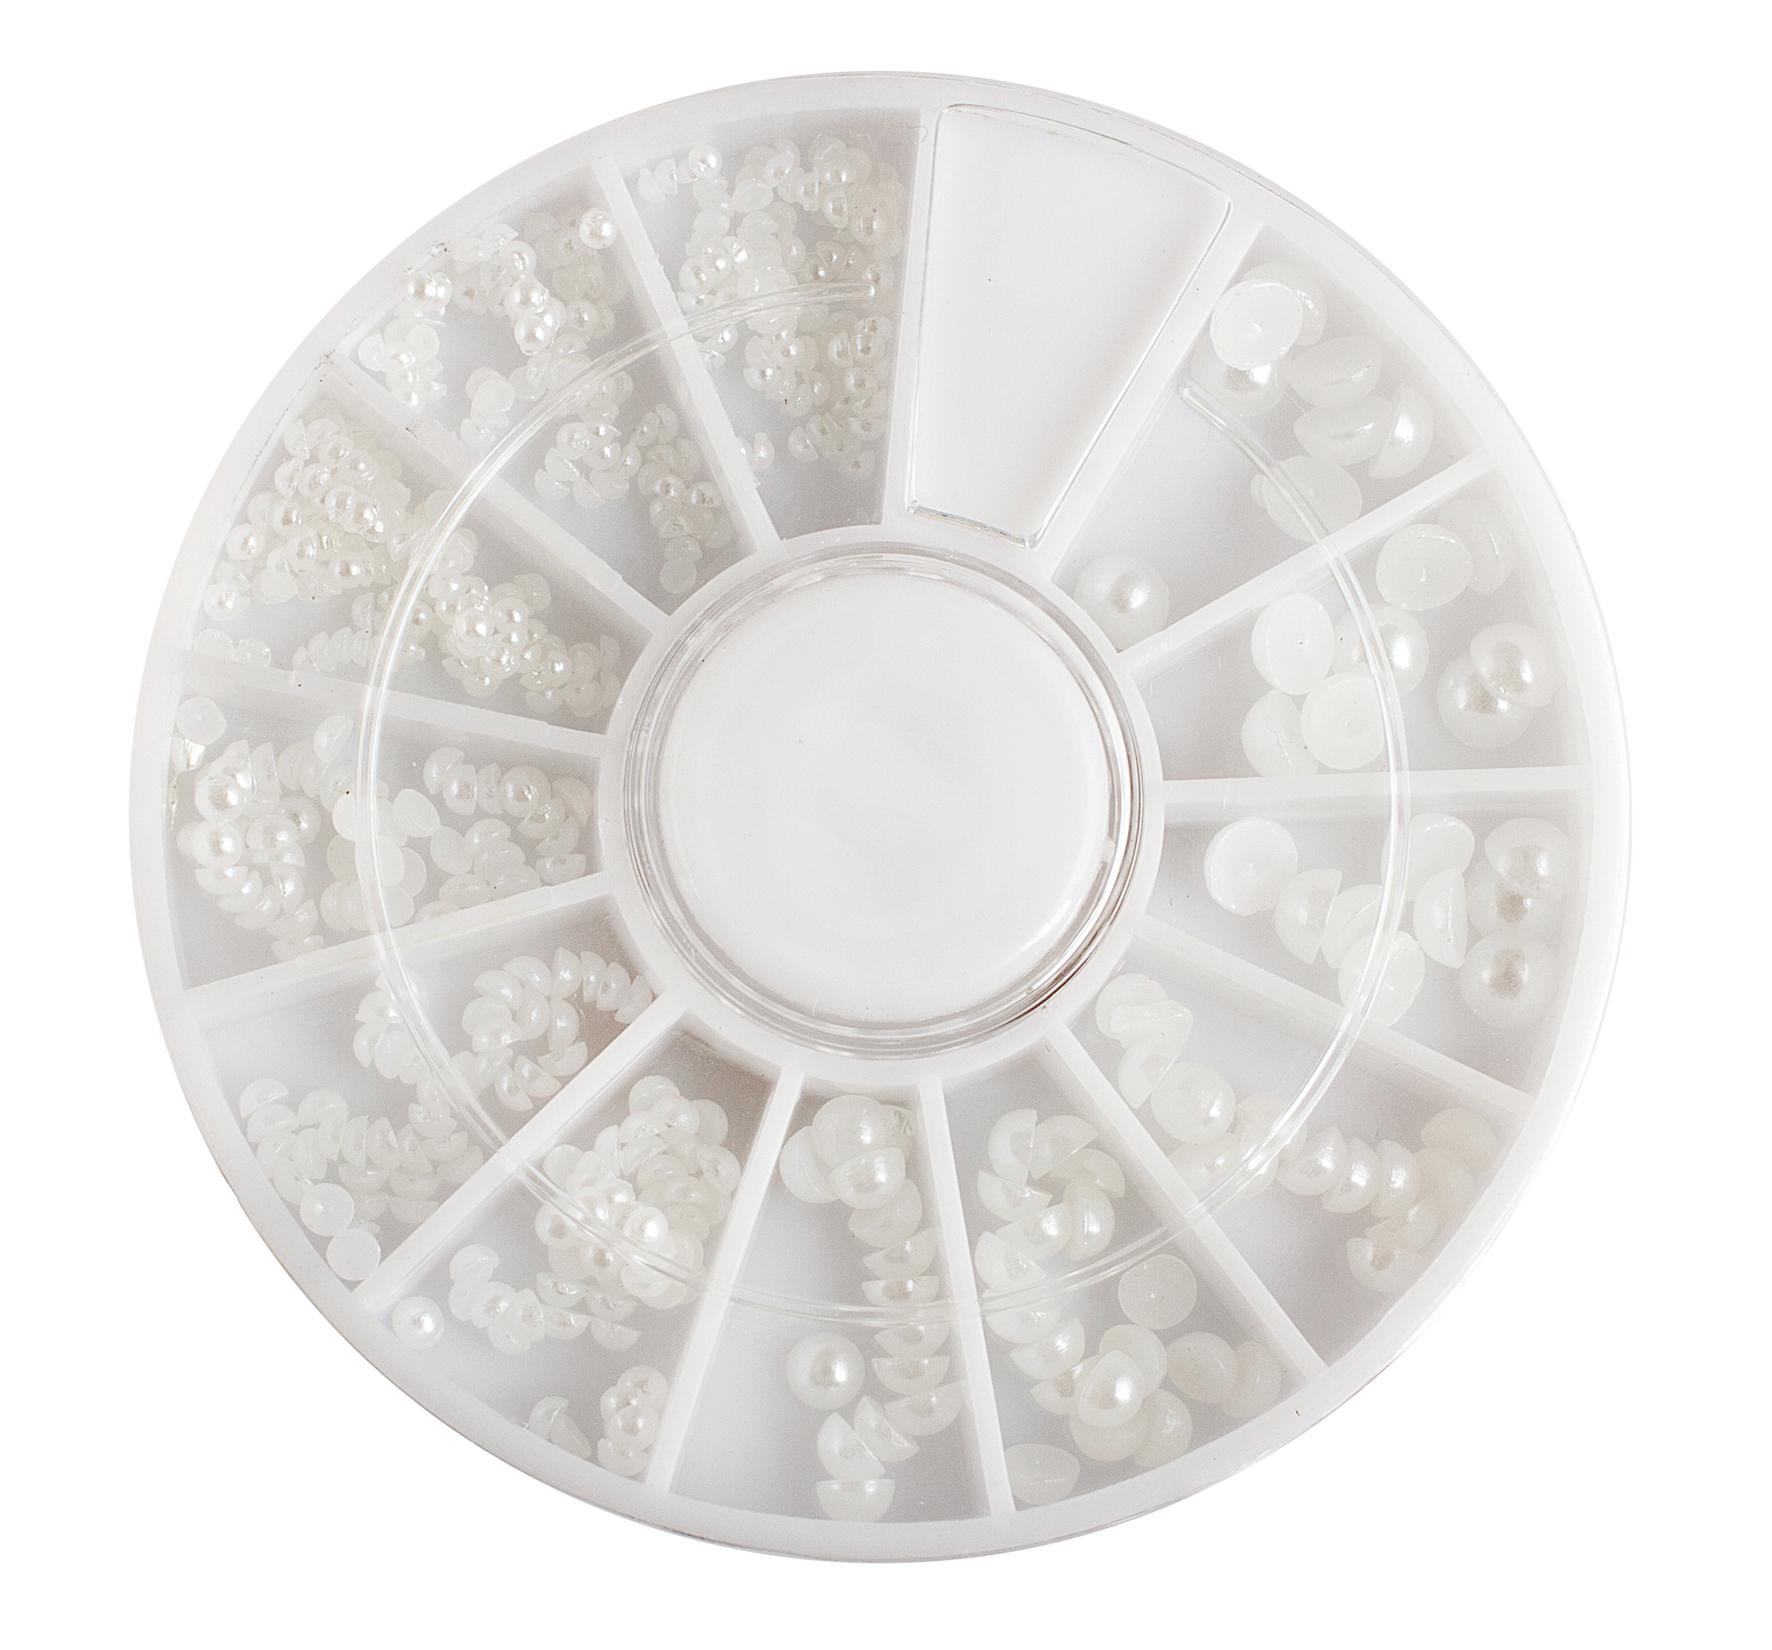 ENII-NAILS Perly bílé, cca 450 ks